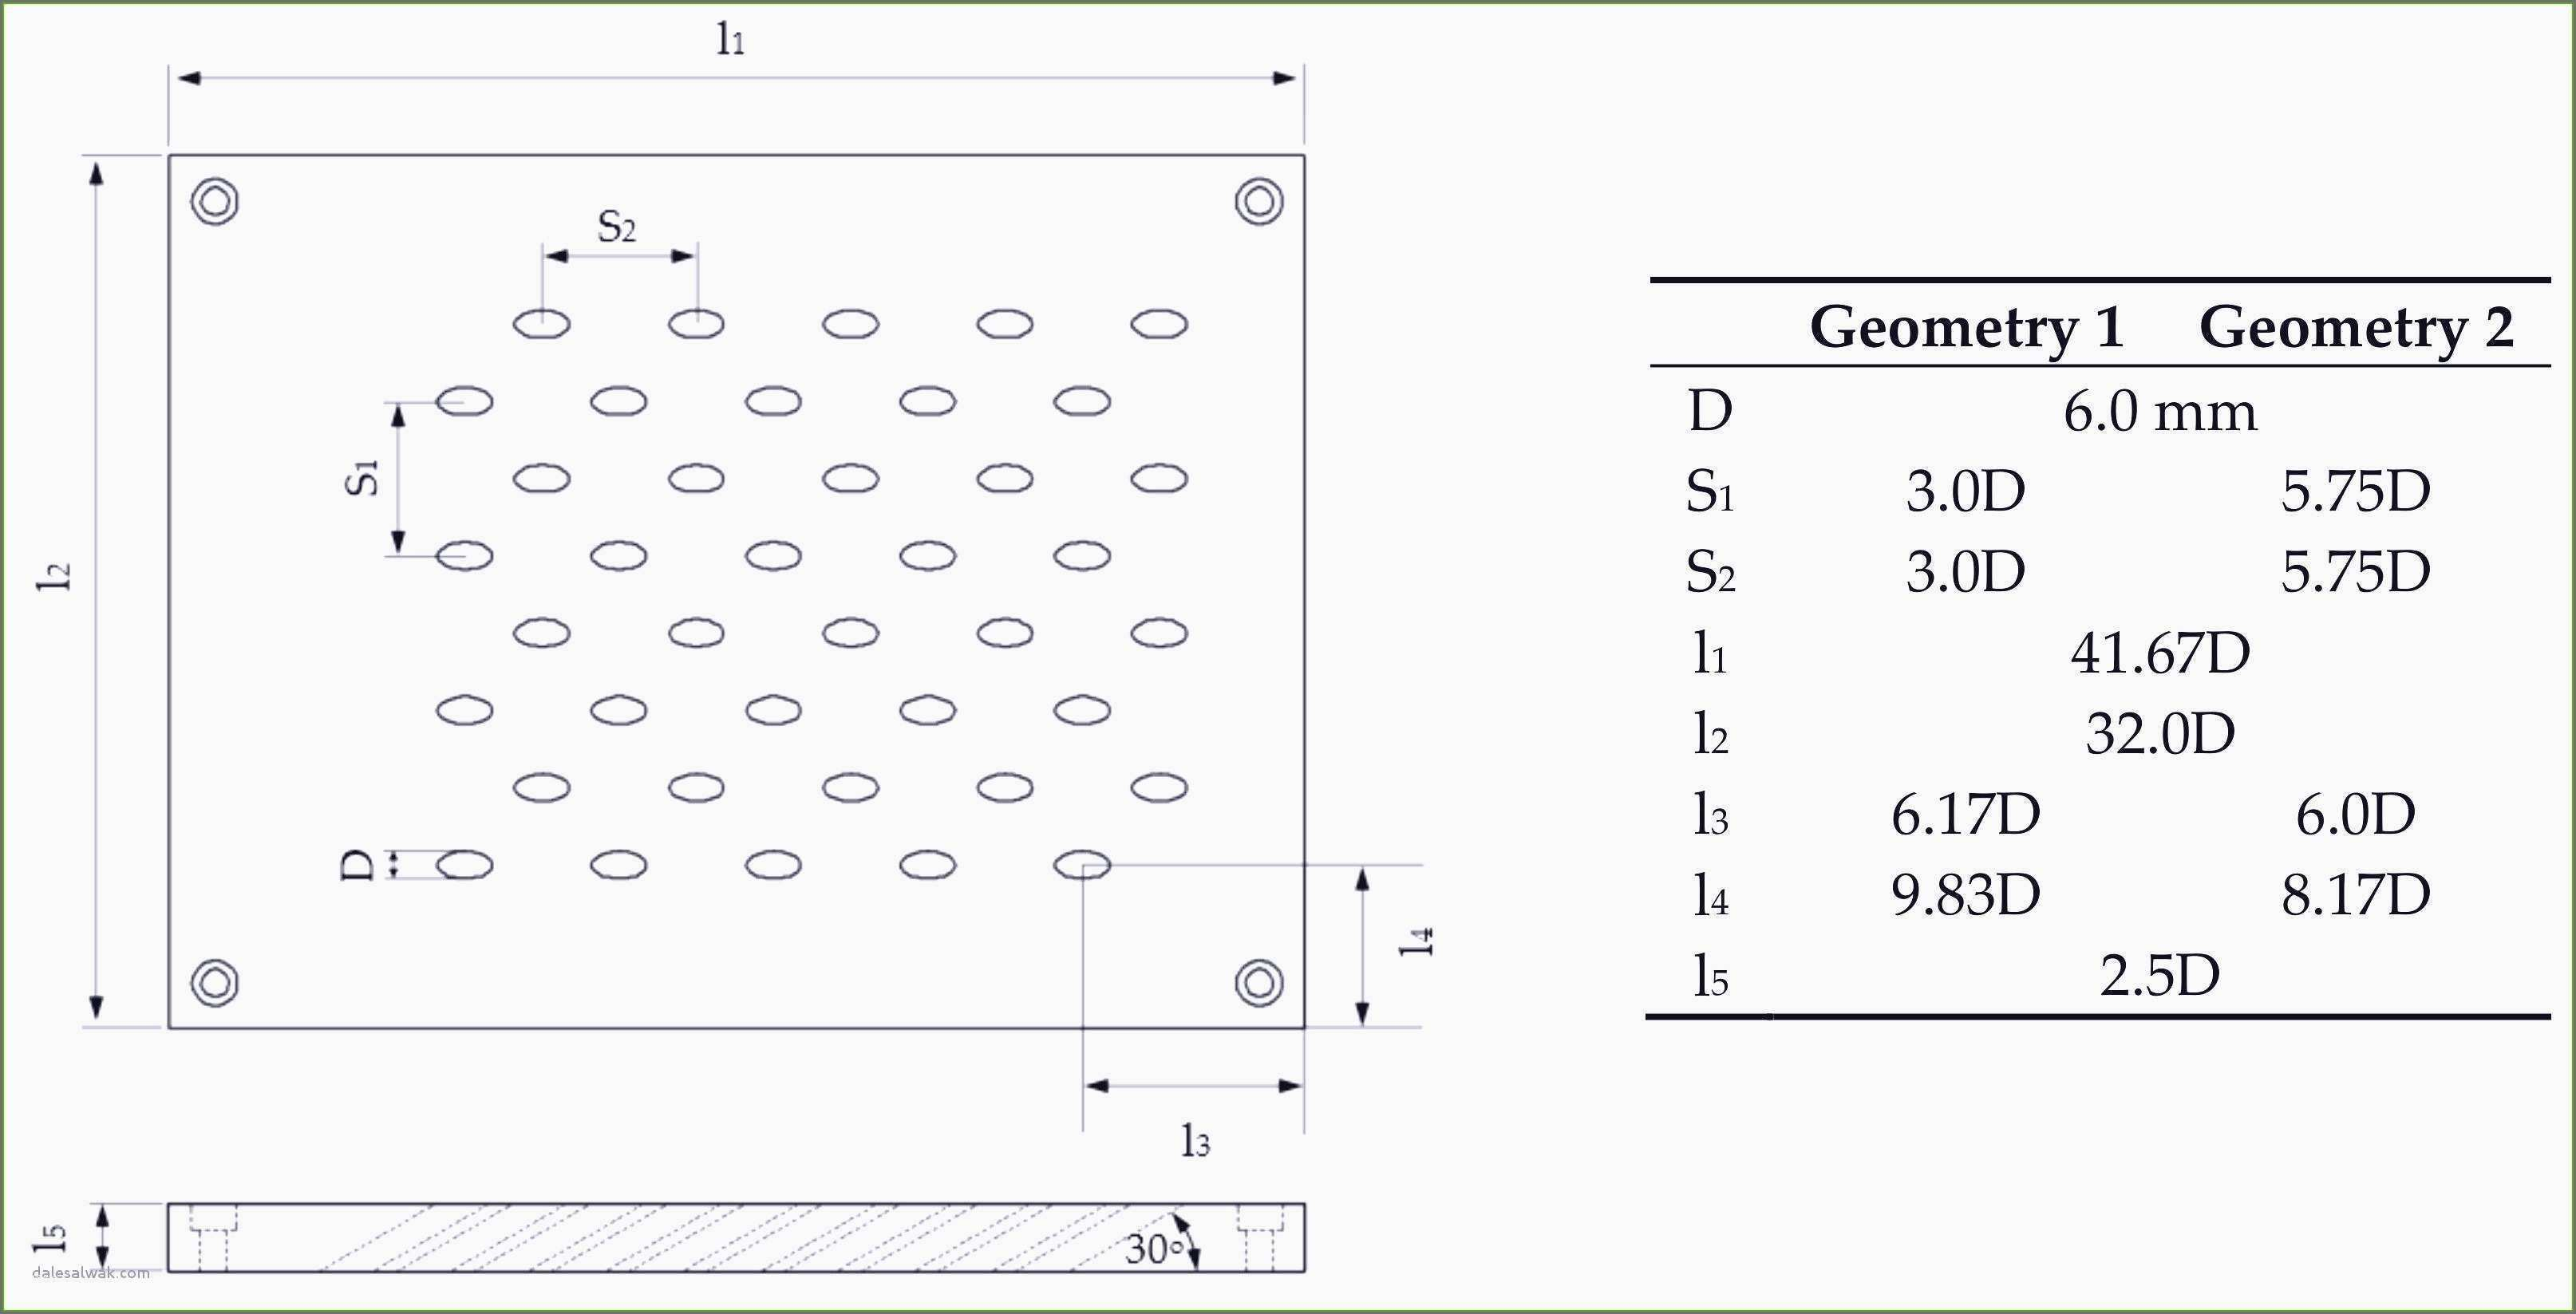 Zeitplan Vorlage Excel Mit Bildern Etikettenvorlagen